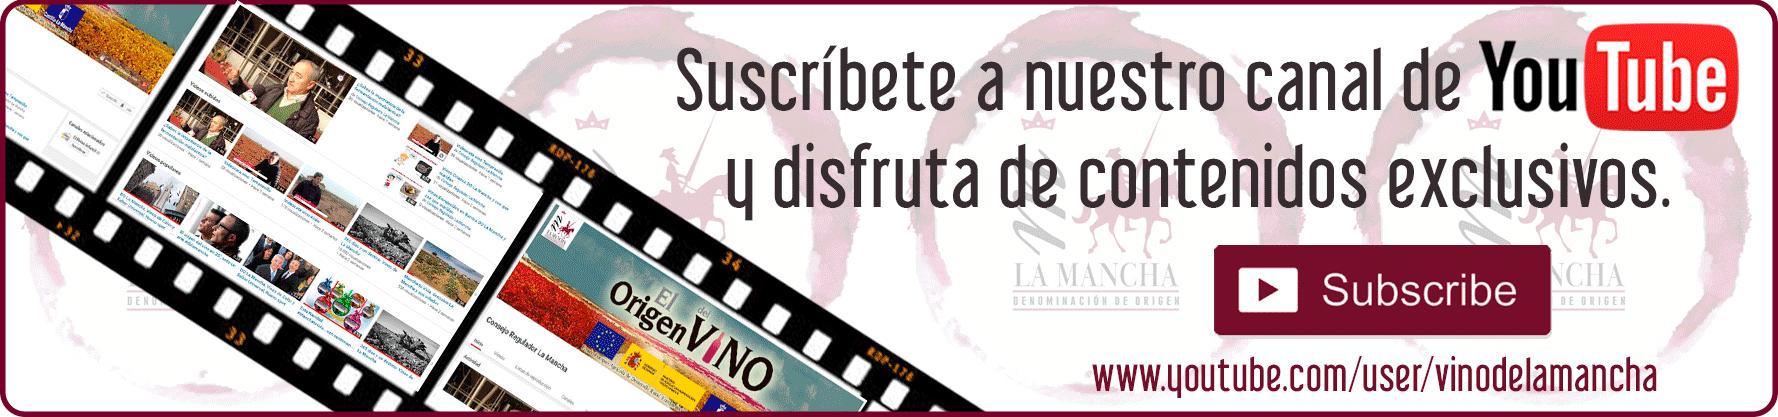 Canal de YouTube Vinos de La Mancha